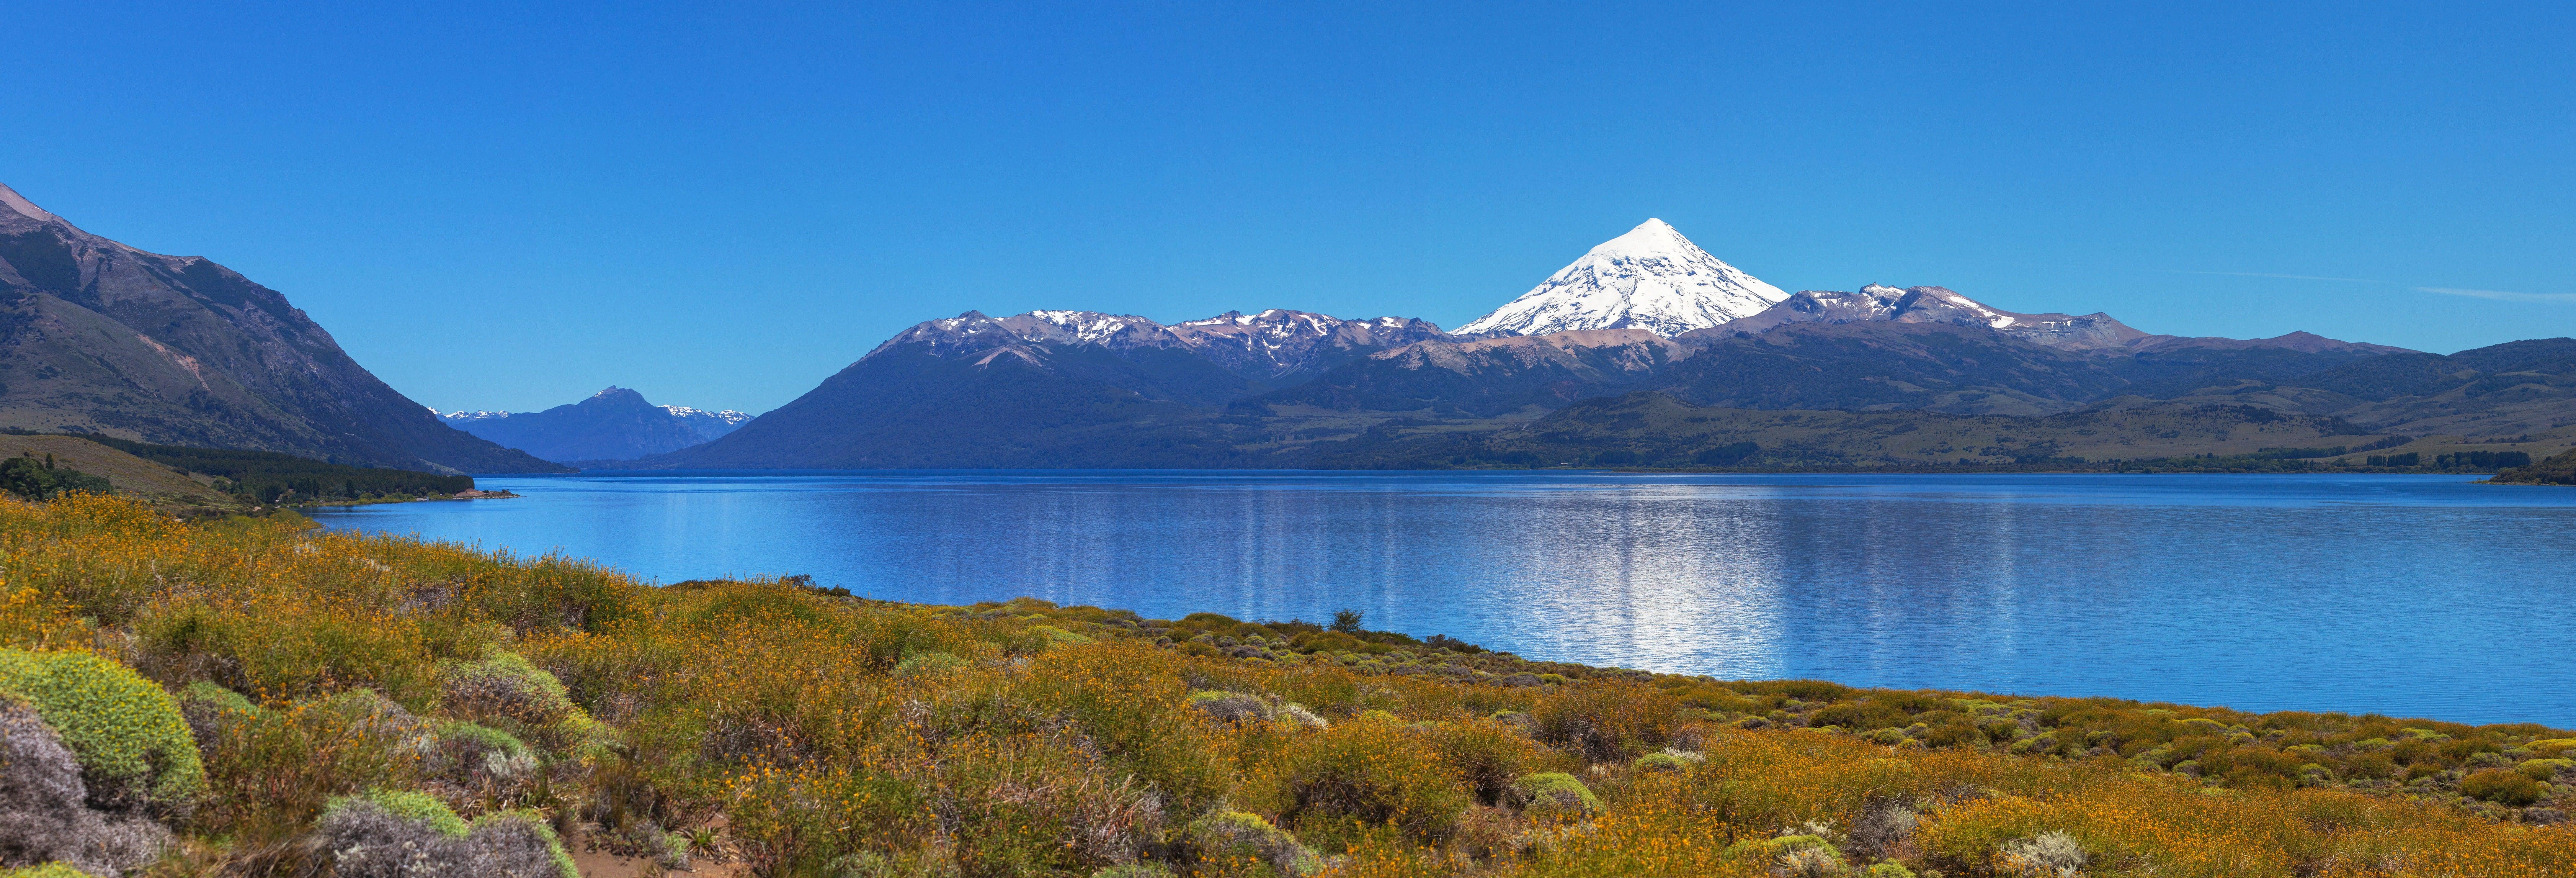 Excursión al Lago Huechulafquen y Volcán Lanín